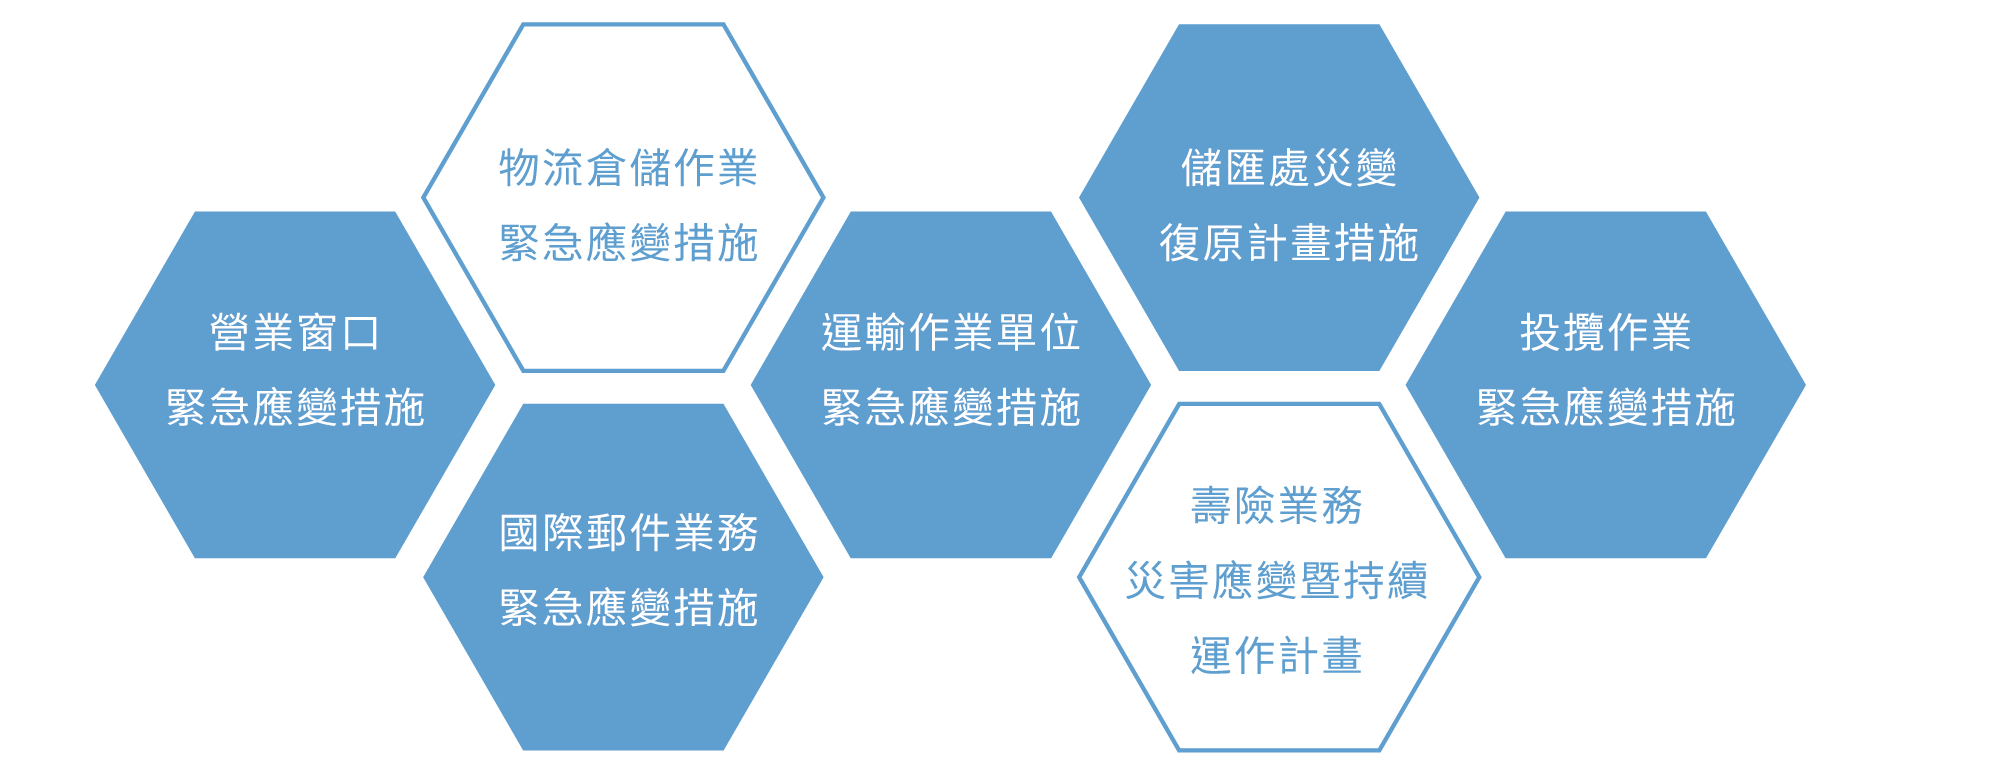 中華郵政緊急應變措施與災後復原計畫